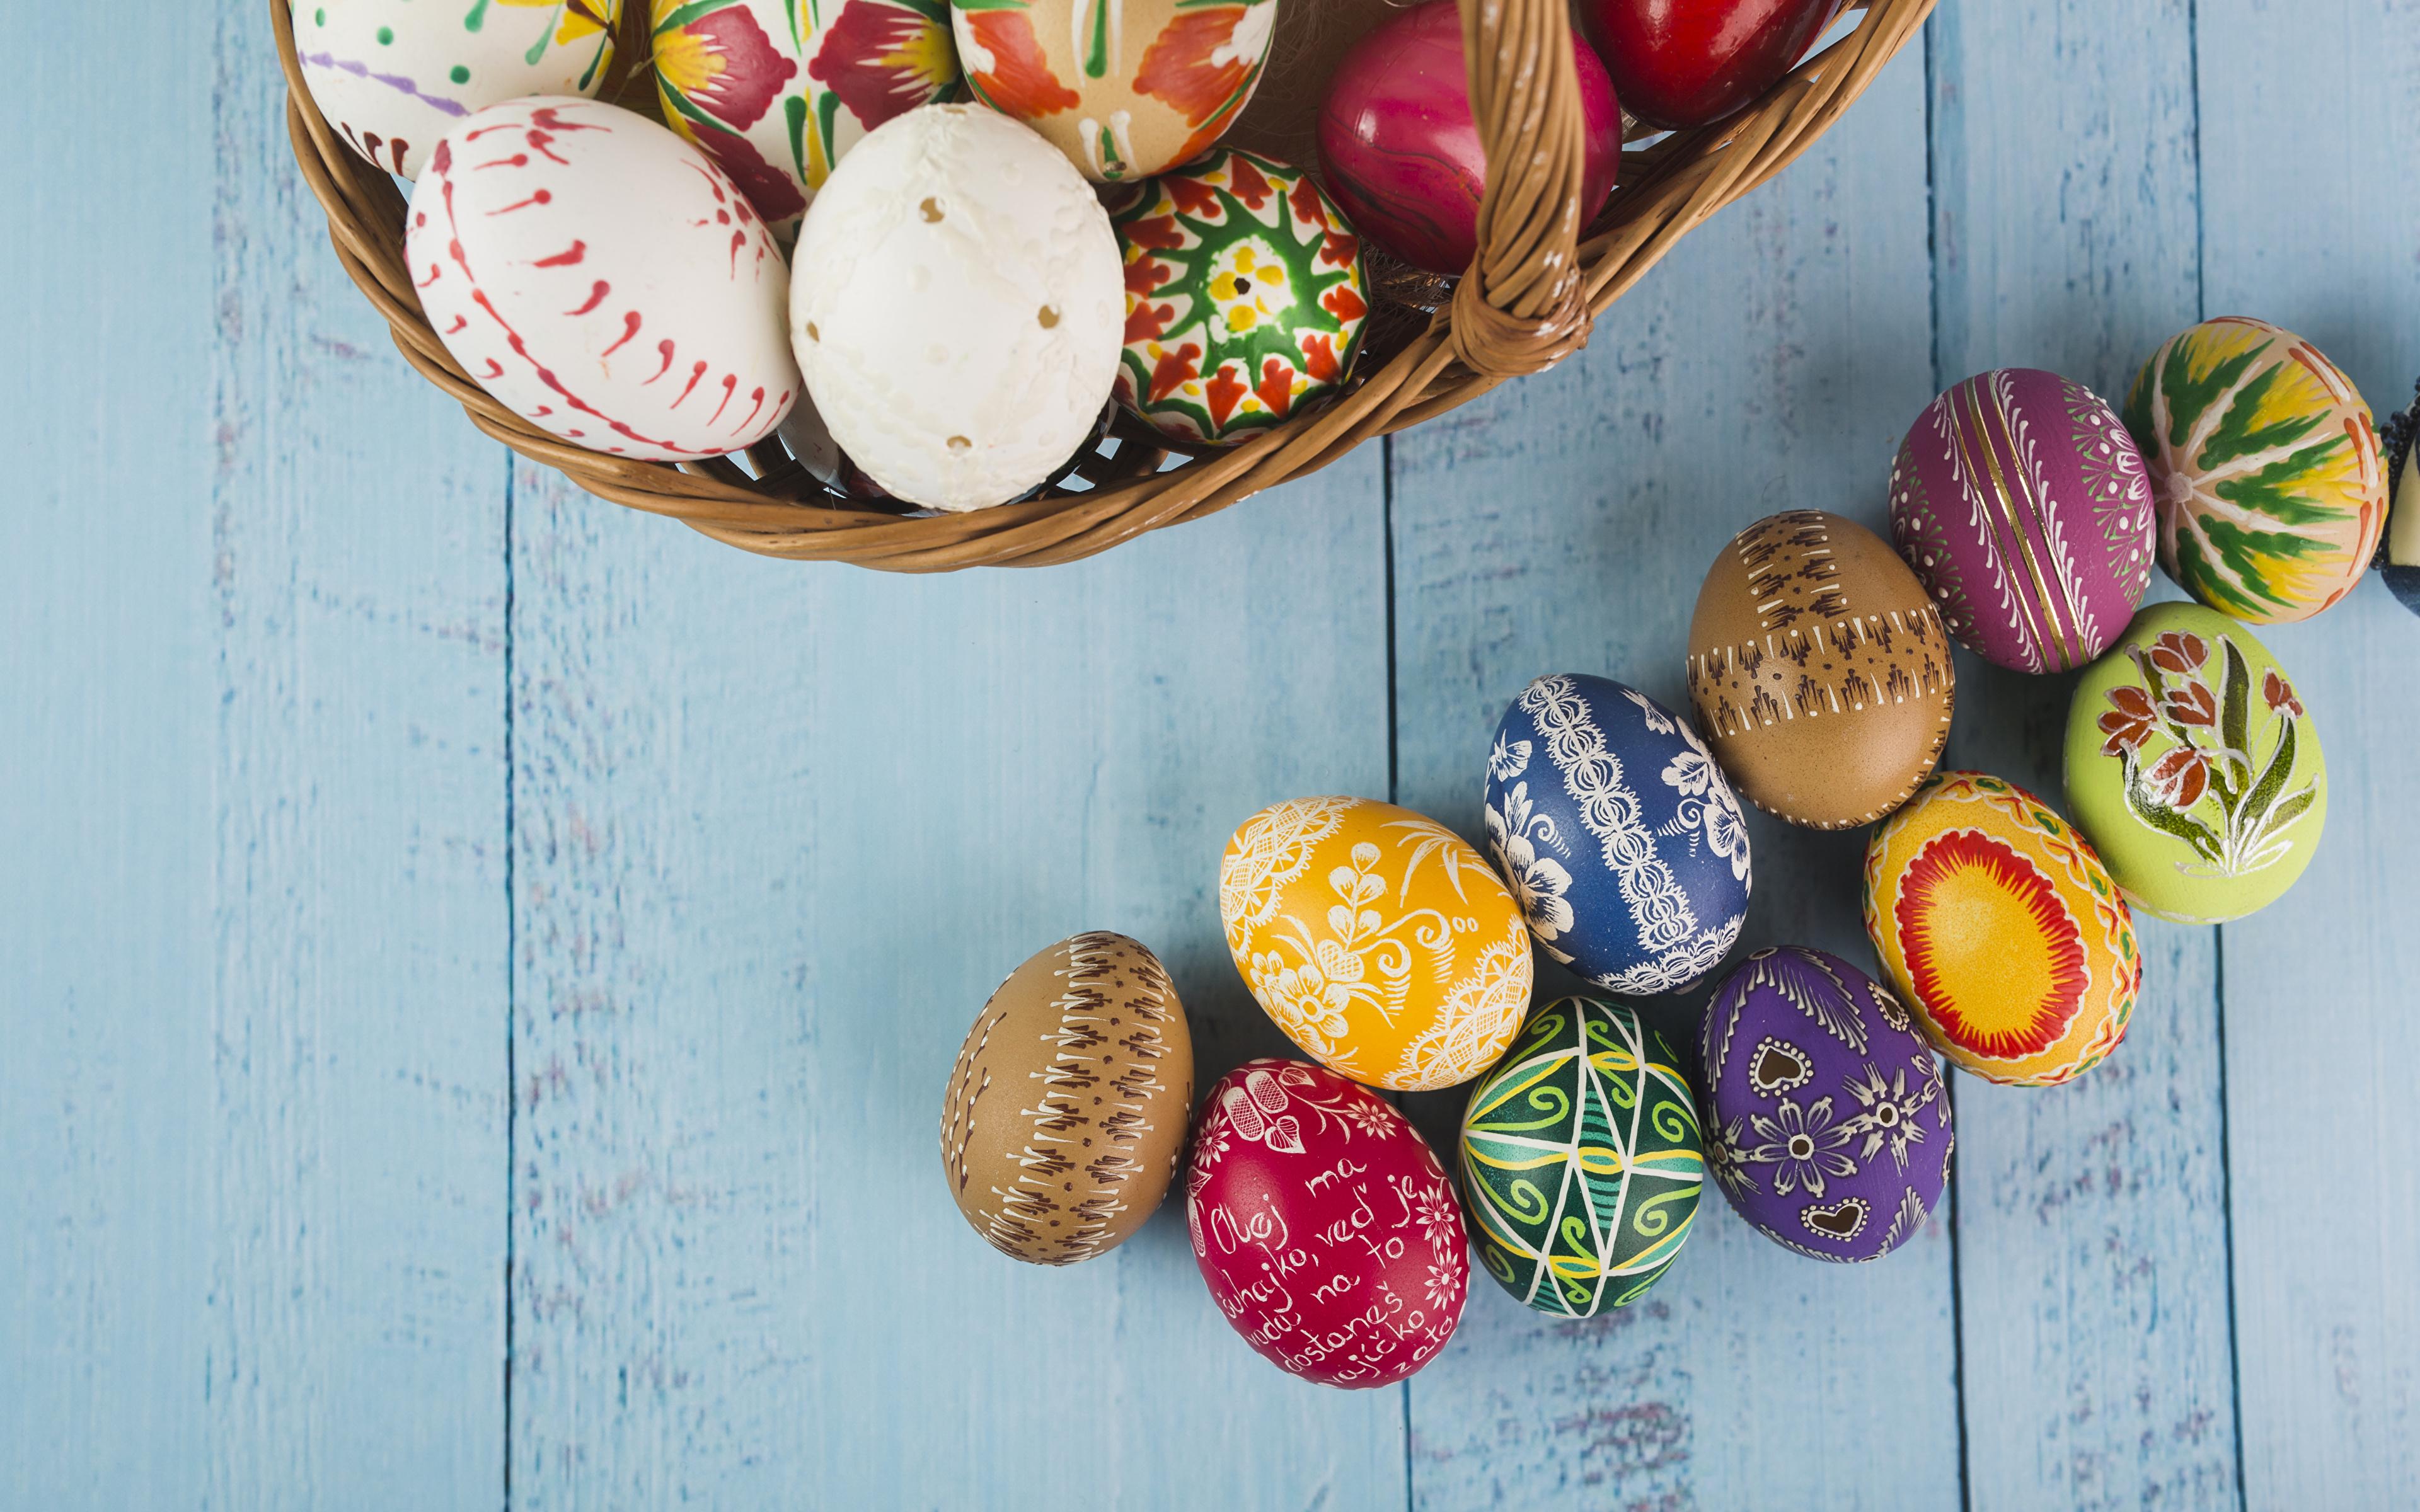 Картинки Пасха яйцами Доски Дизайн 3840x2400 яиц Яйца яйцо дизайна